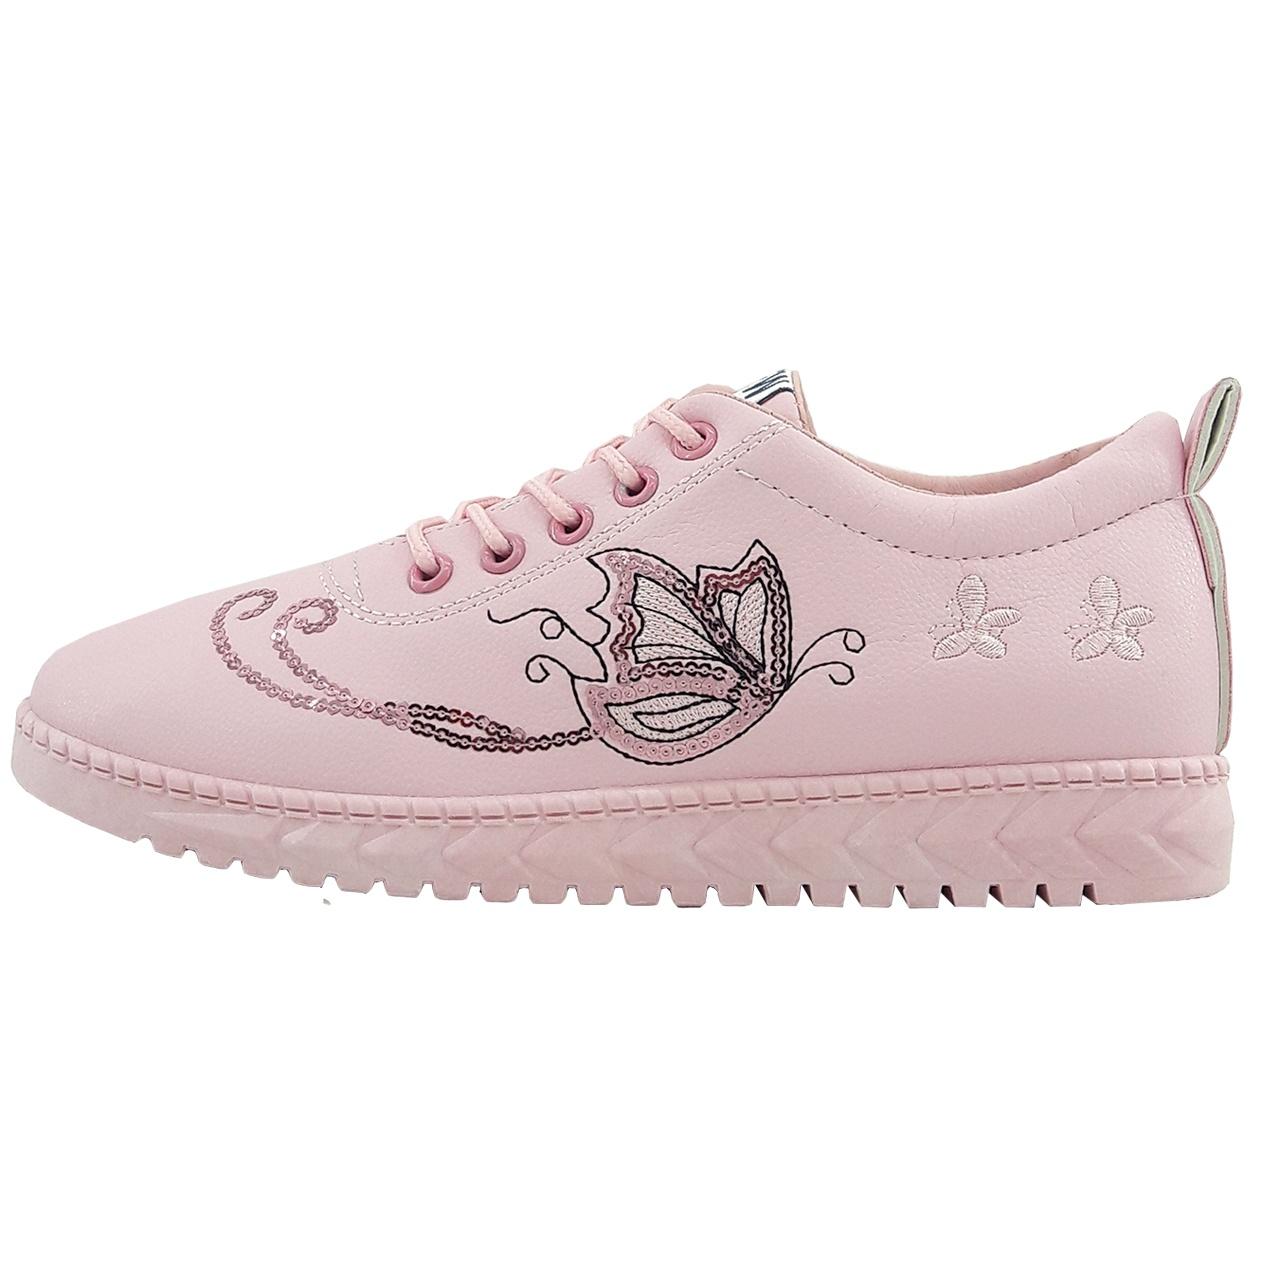 کفش راحتی زنانه مدل new colthing prv.pnk-01